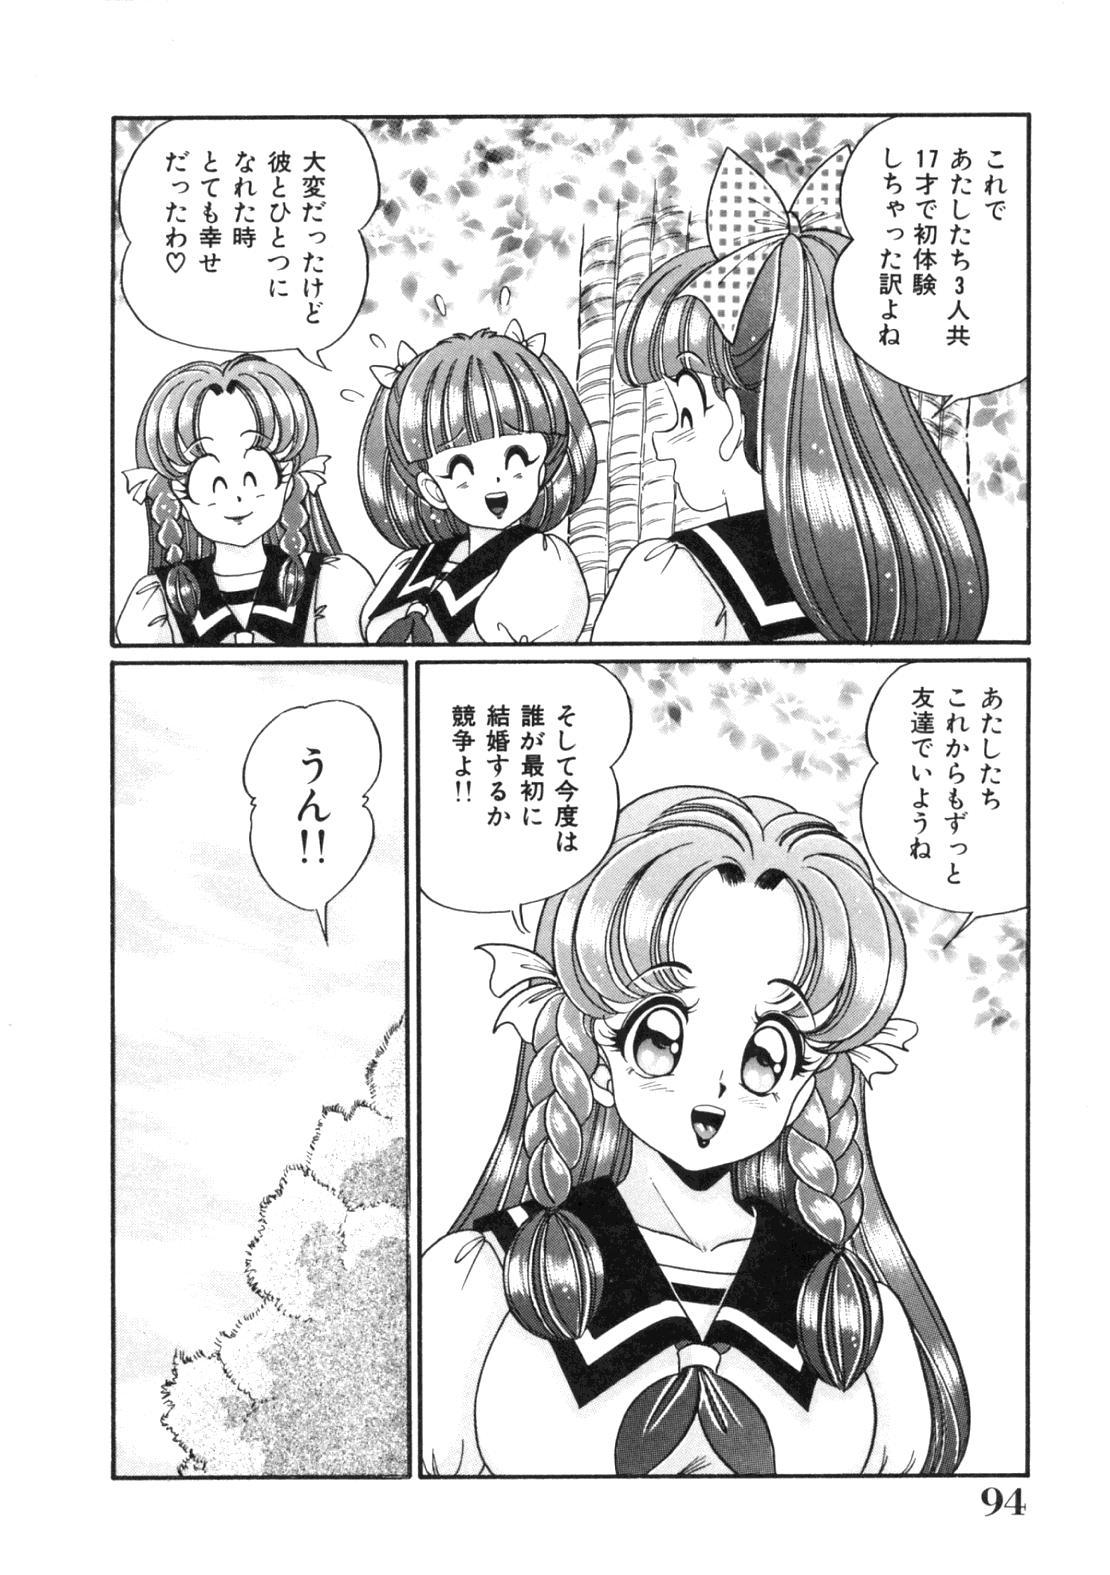 [Watanabe Wataru] Tonari no Onee-san - Sister of Neighborhood 95